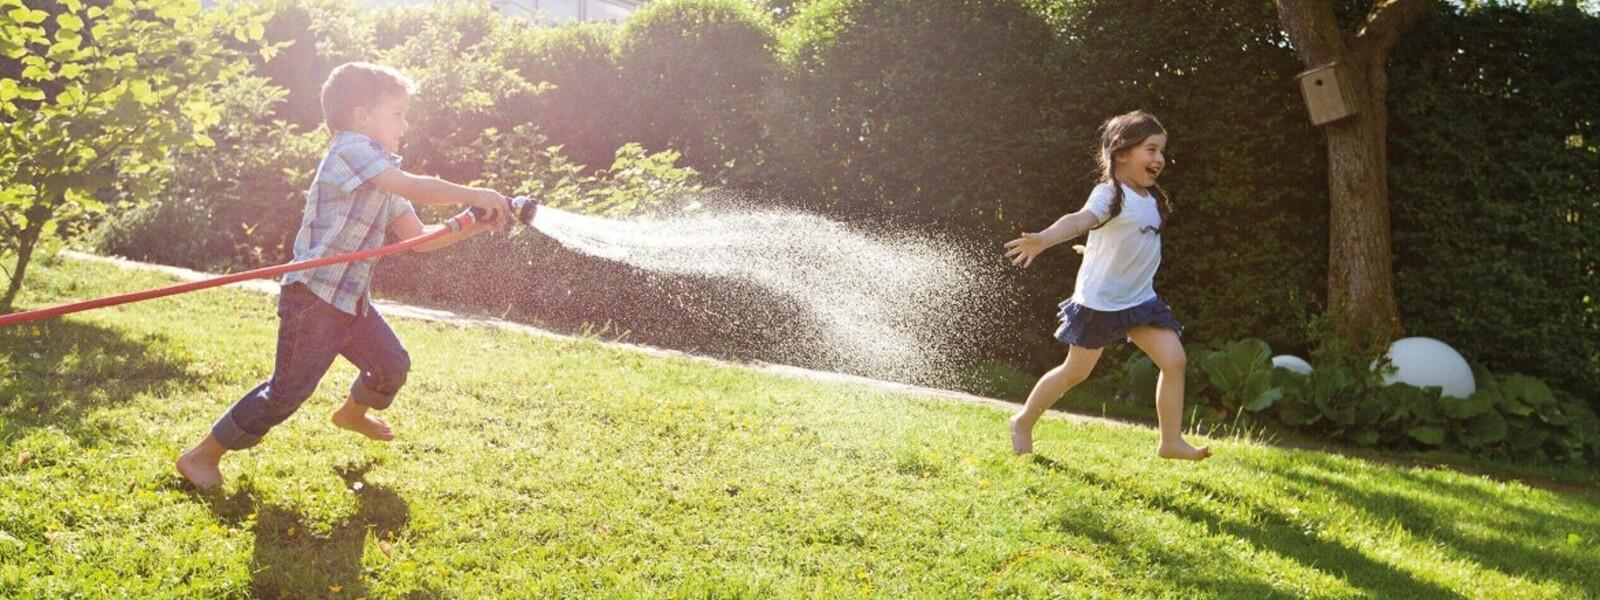 Bub spritzt Mädchen mit Gartenschlauch an